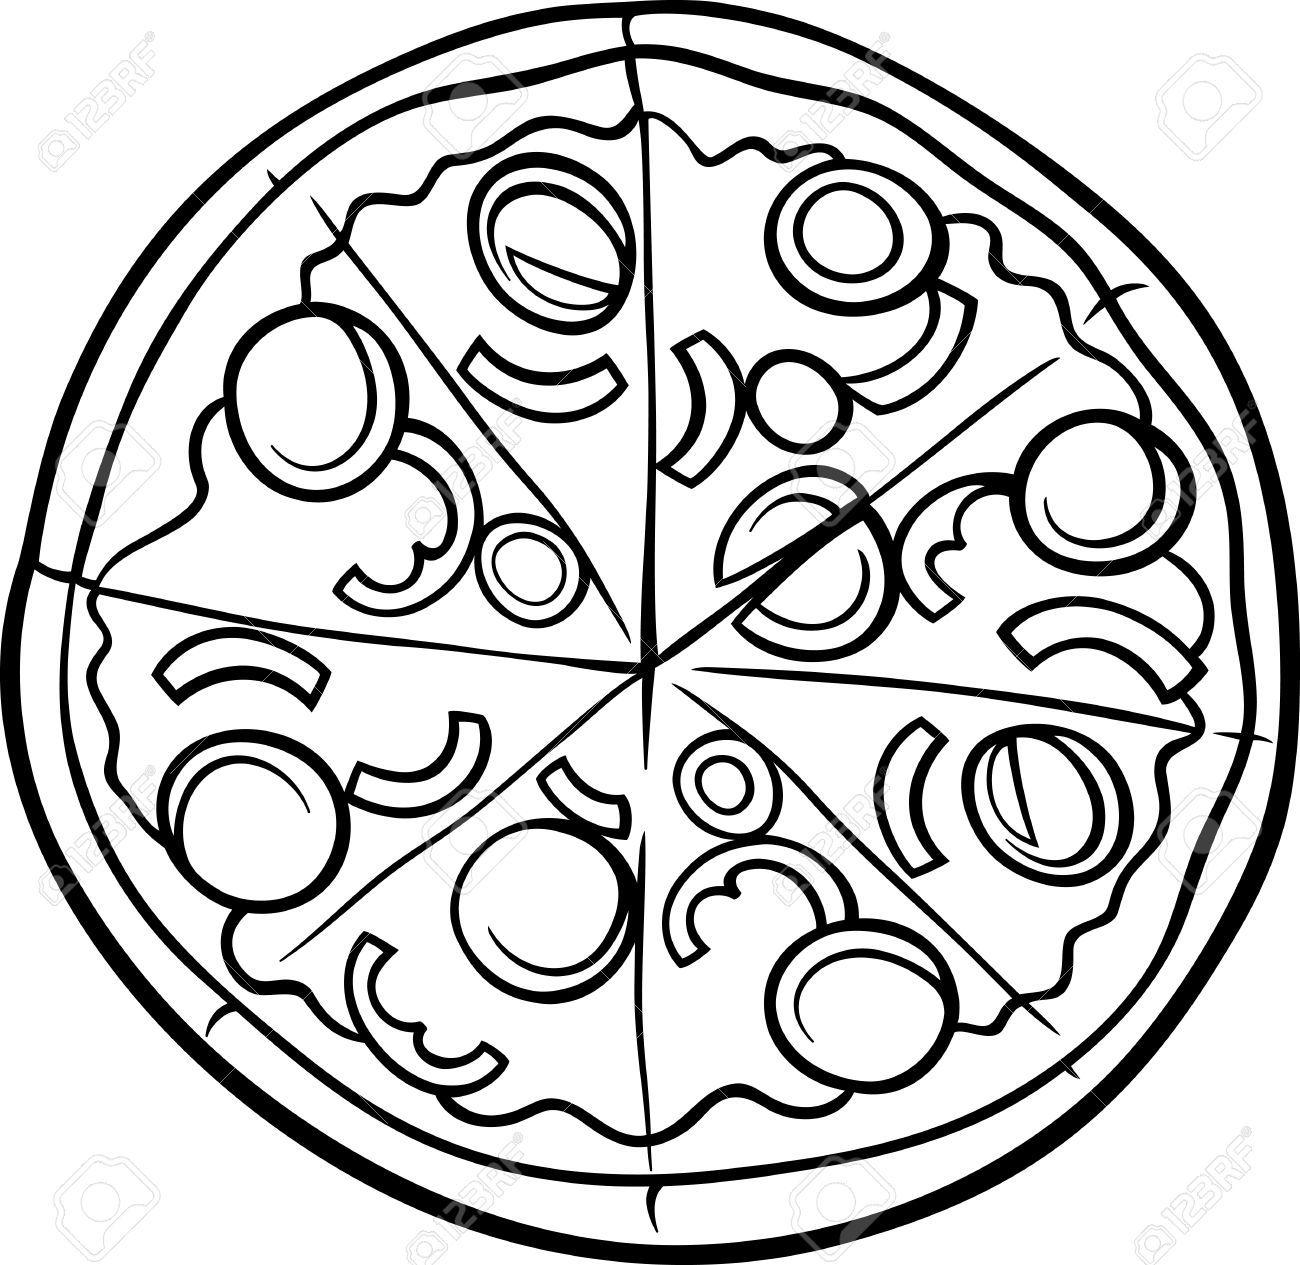 Free Clip Art Of Pizza Clipart Black And White 453 Best Square Pizza Clipart Black And White 453 Clipartview Com Pizza Disegno Cibo Colori